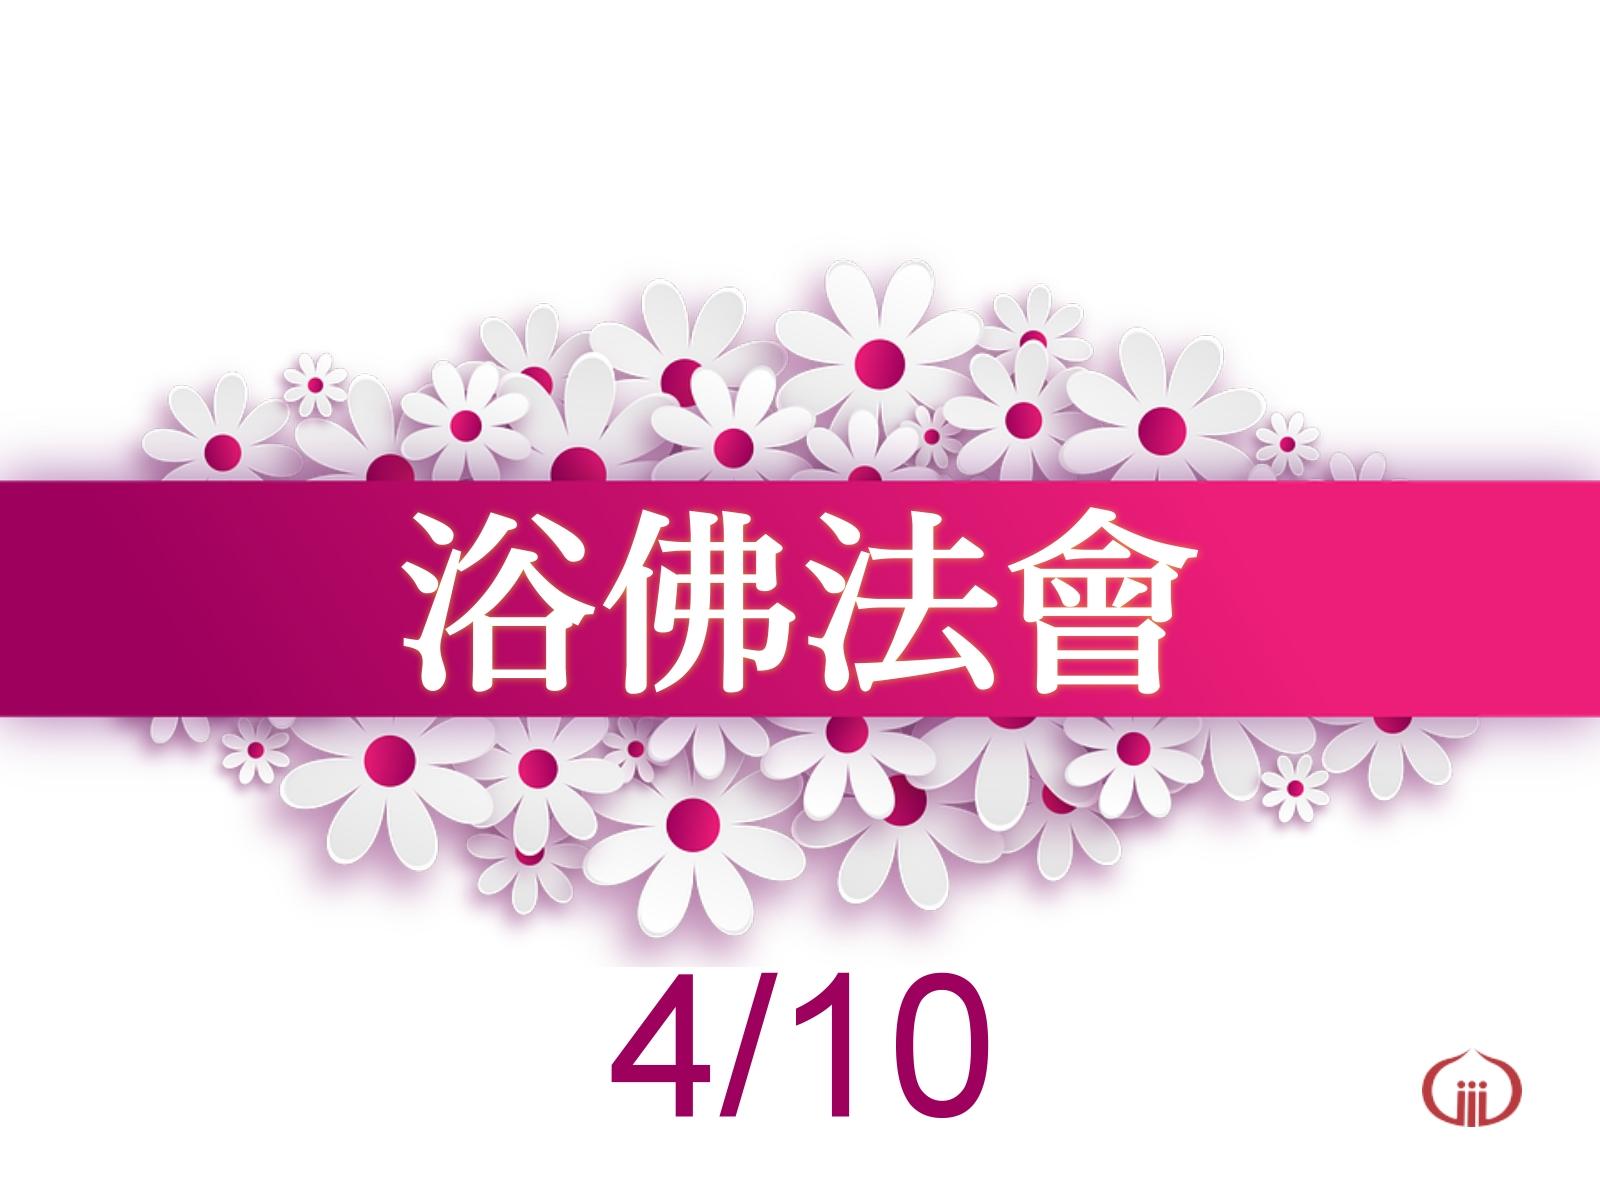 110佛學研讀班招生